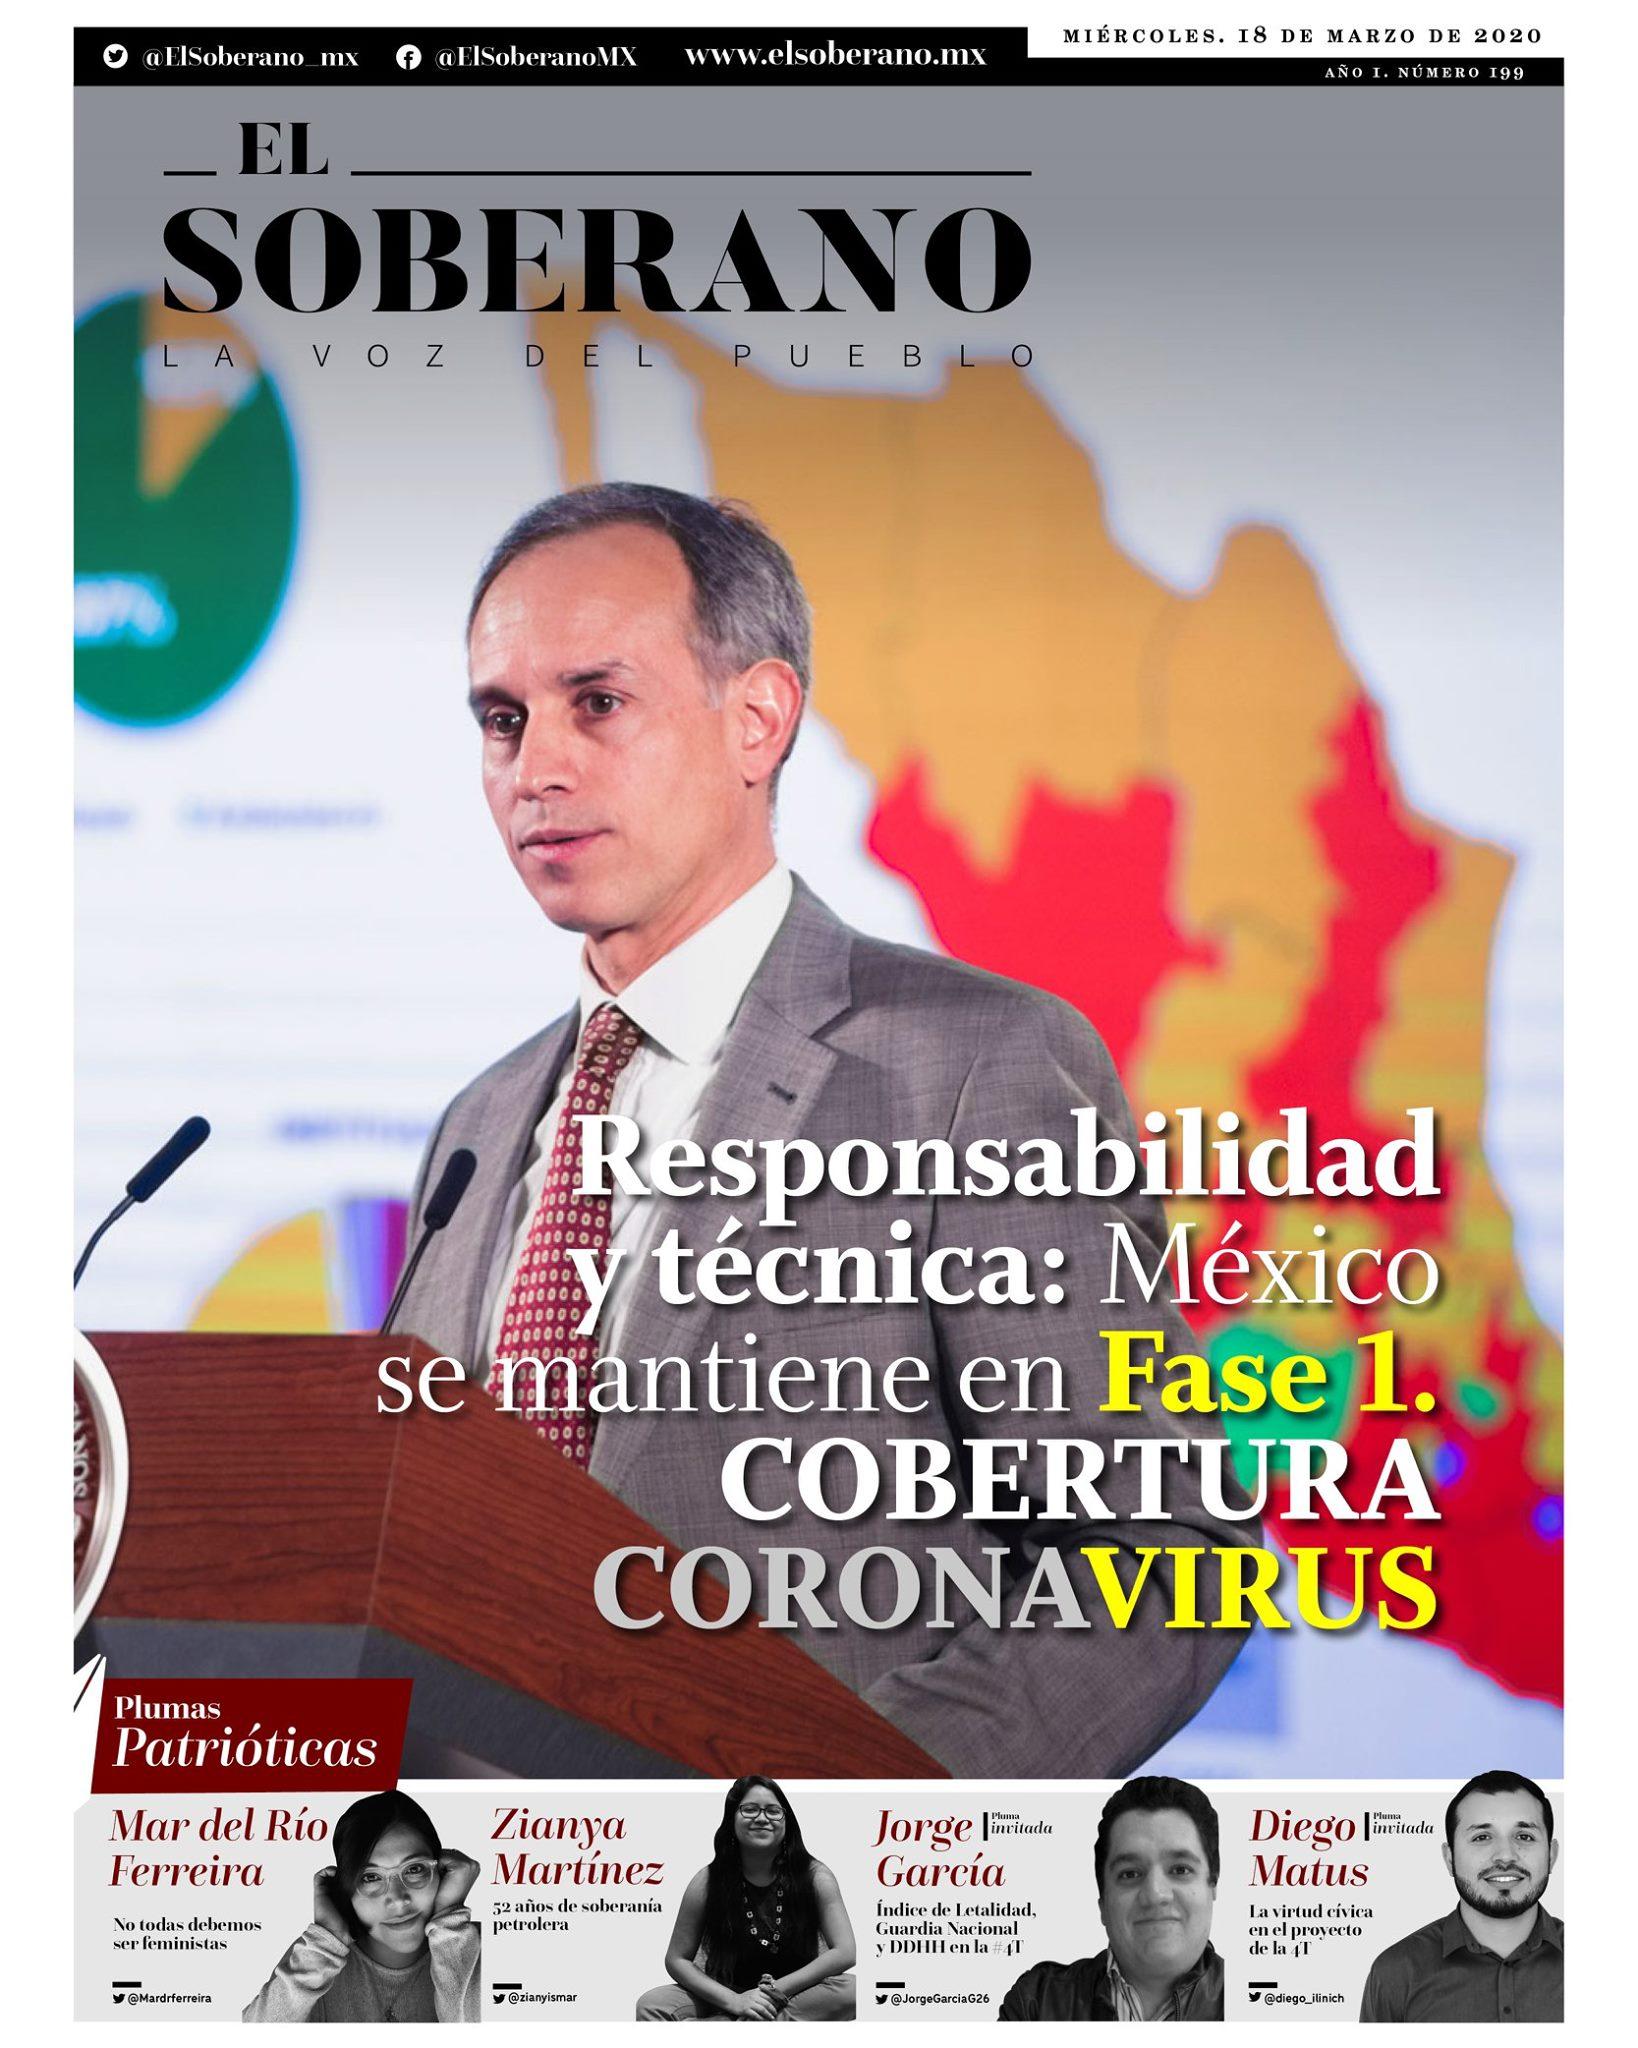 México se mantiene en Fase 1 #Covid_19